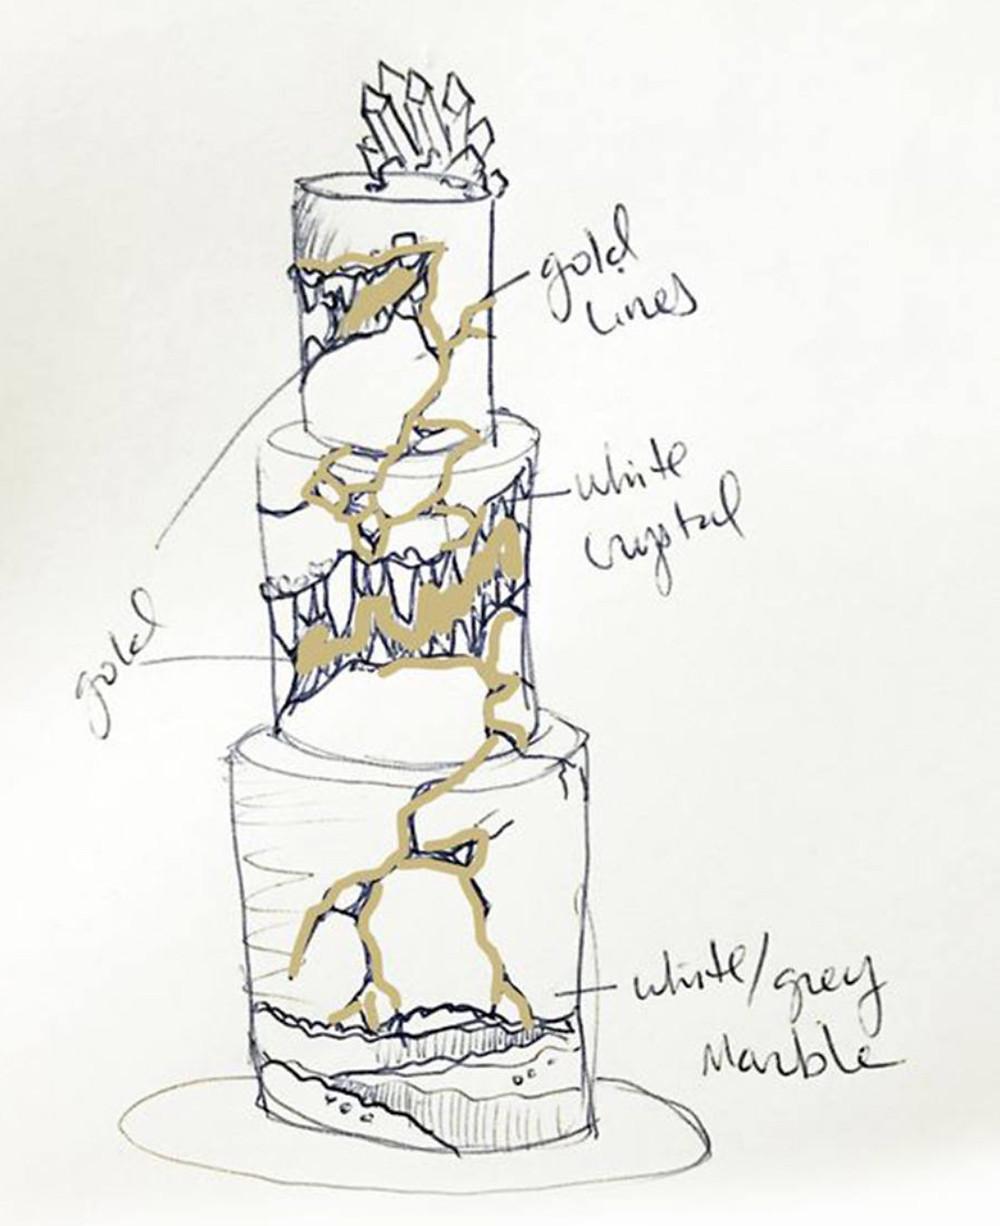 kintsugi cake - Rose Rae Cake Boutique